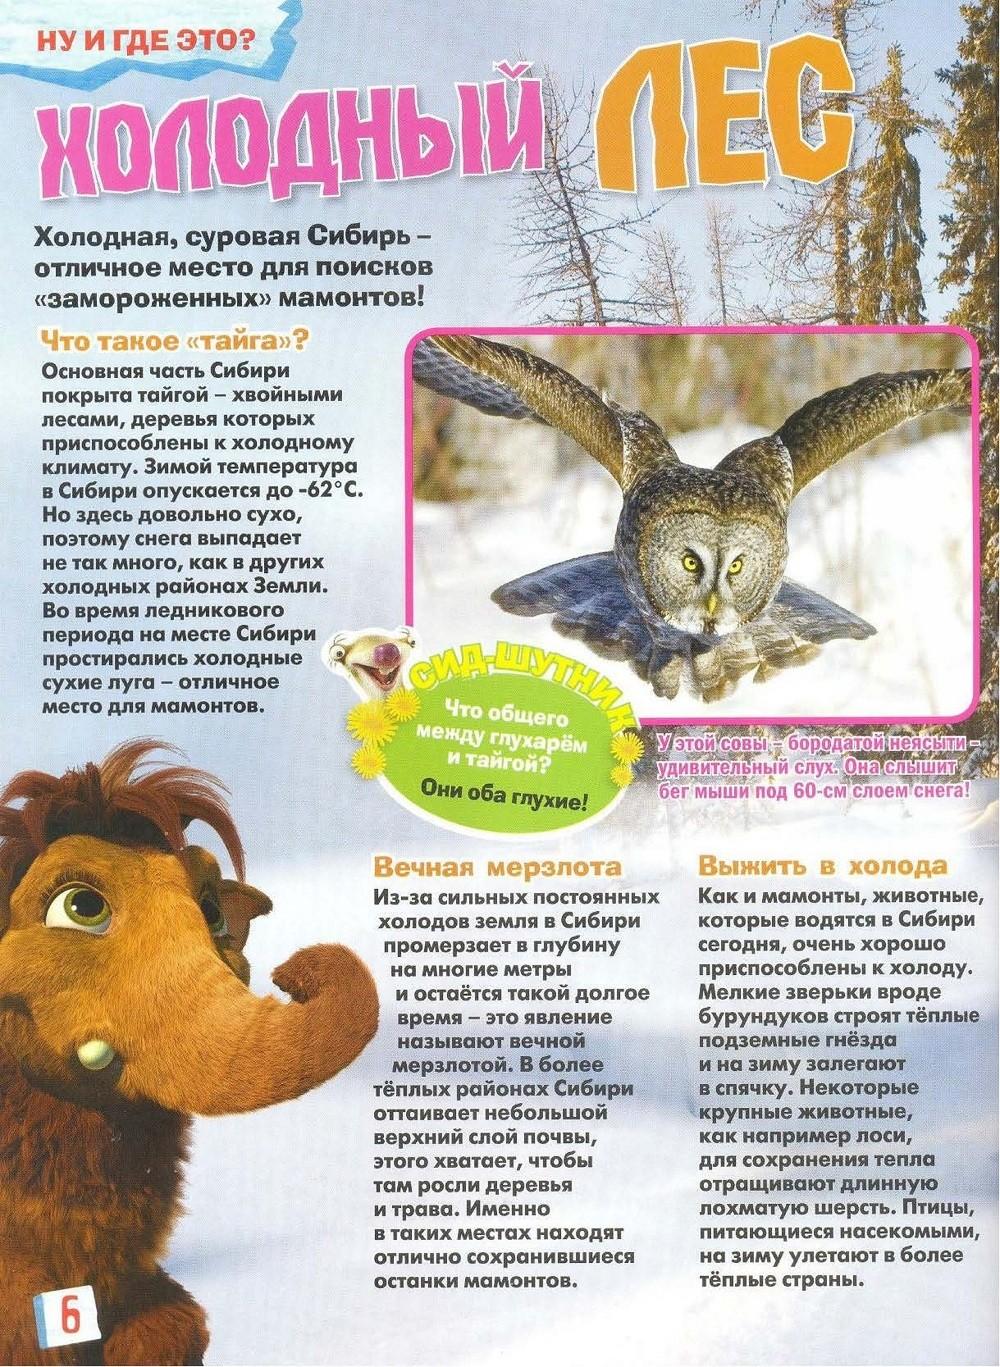 http://images.vfl.ru/ii/1392666938/998dc6c1/4274431.jpg